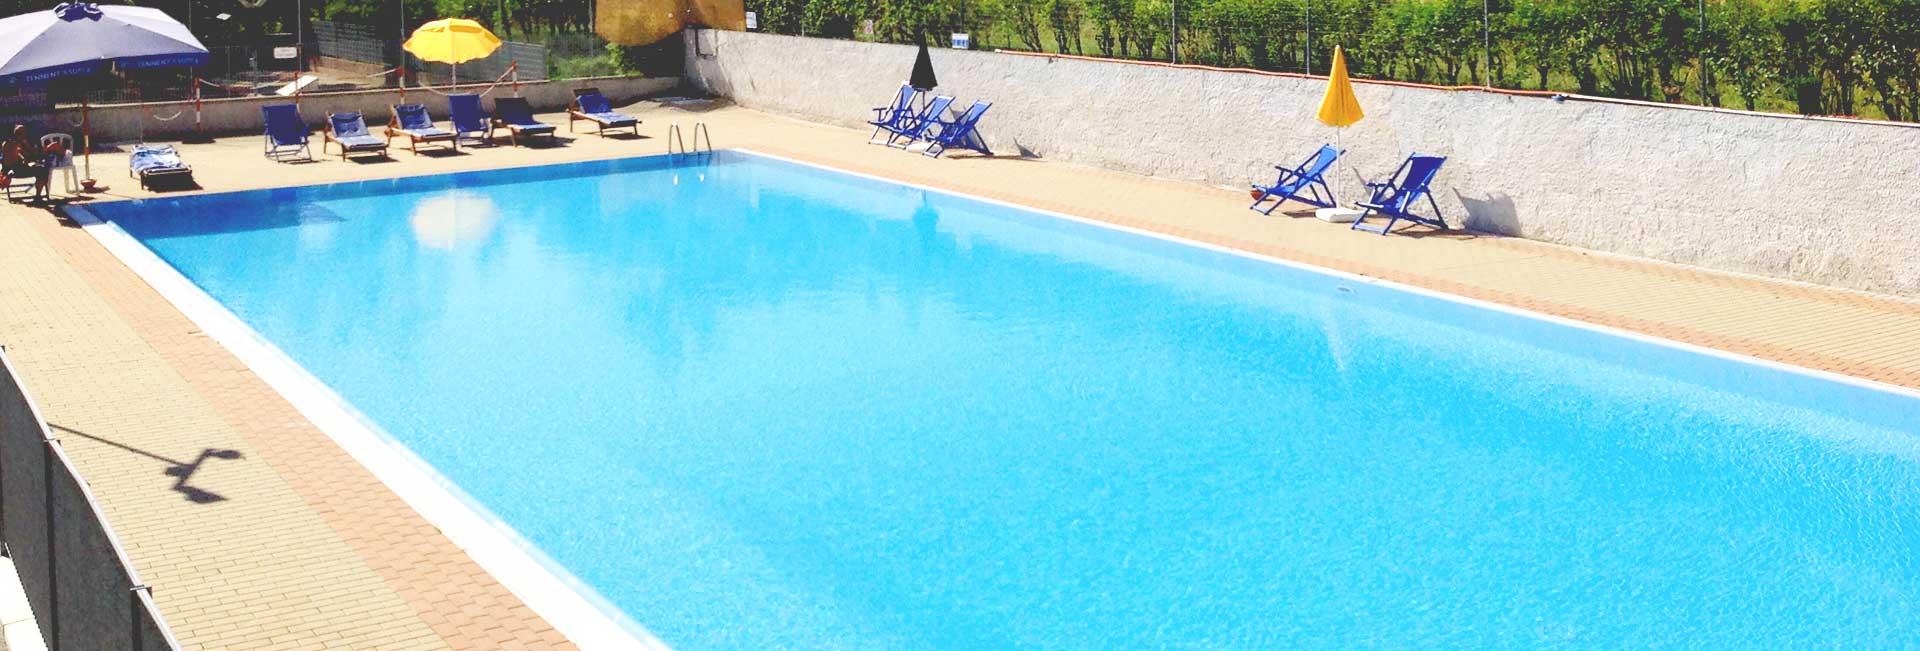 foto-sfondo-piscina2